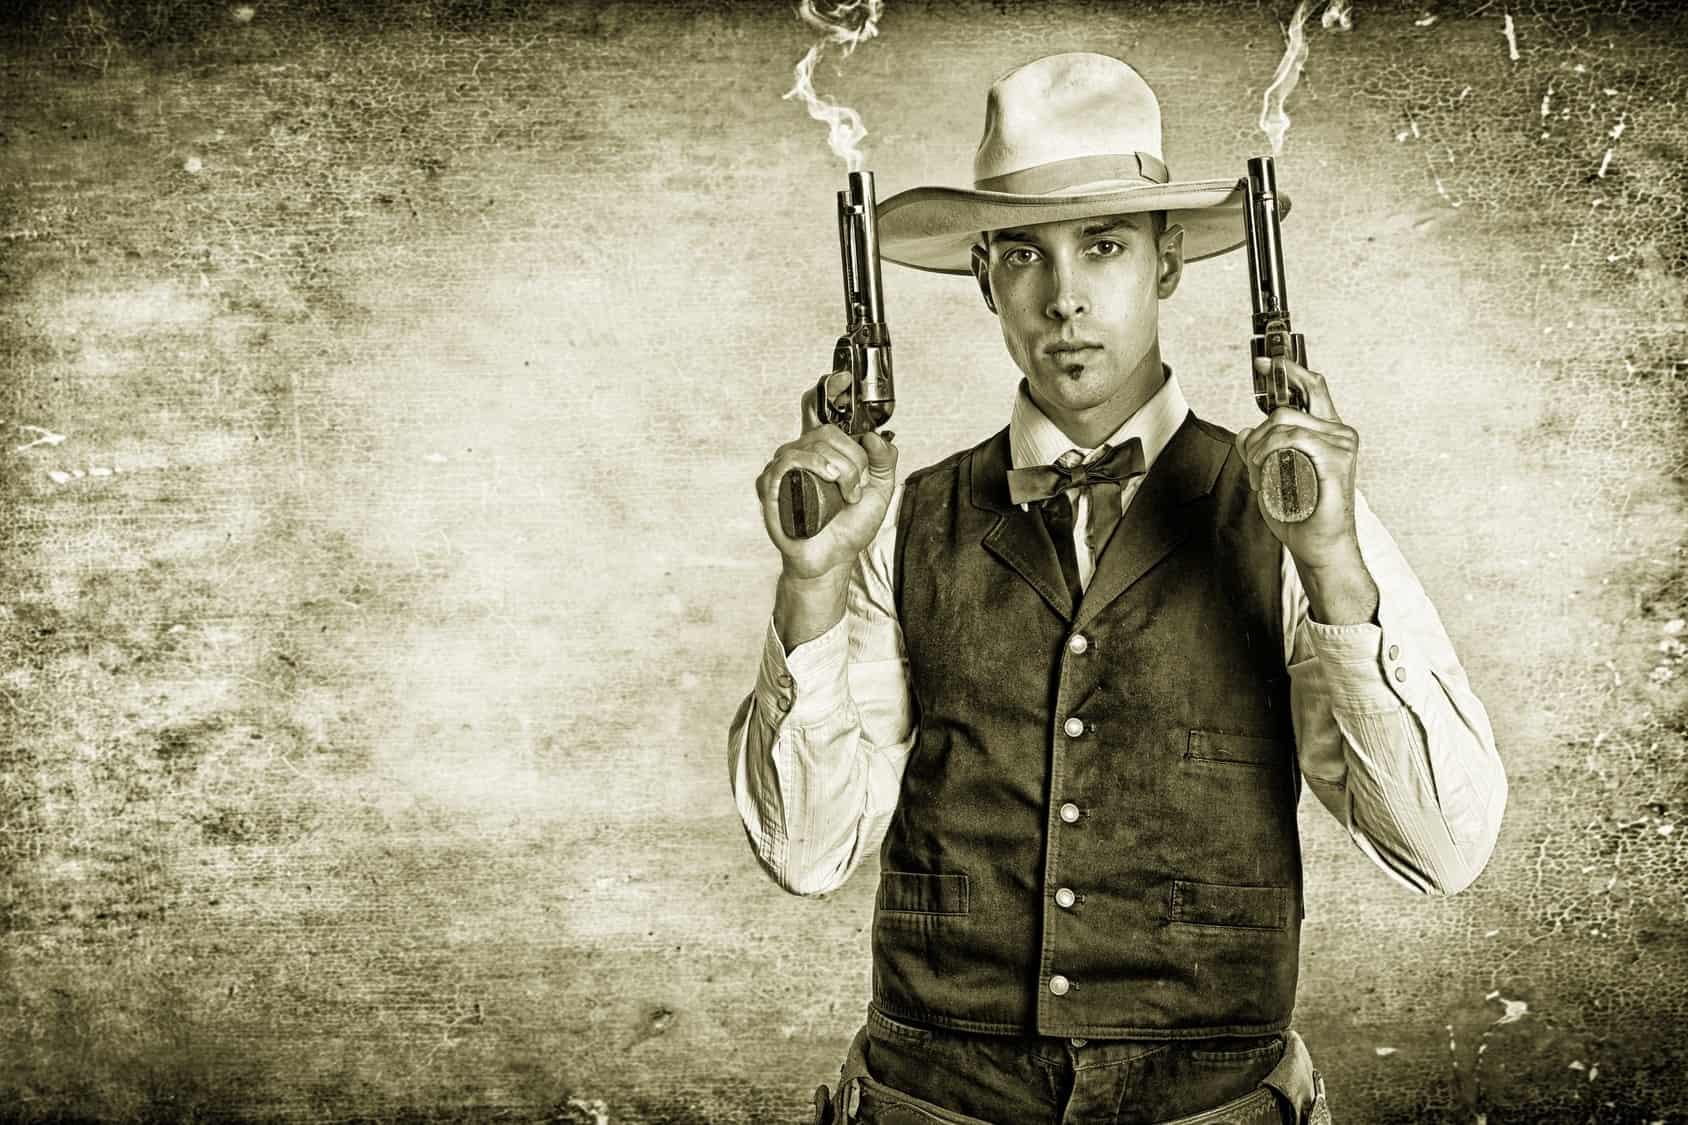 Cowboy mit rauchenden Waffen